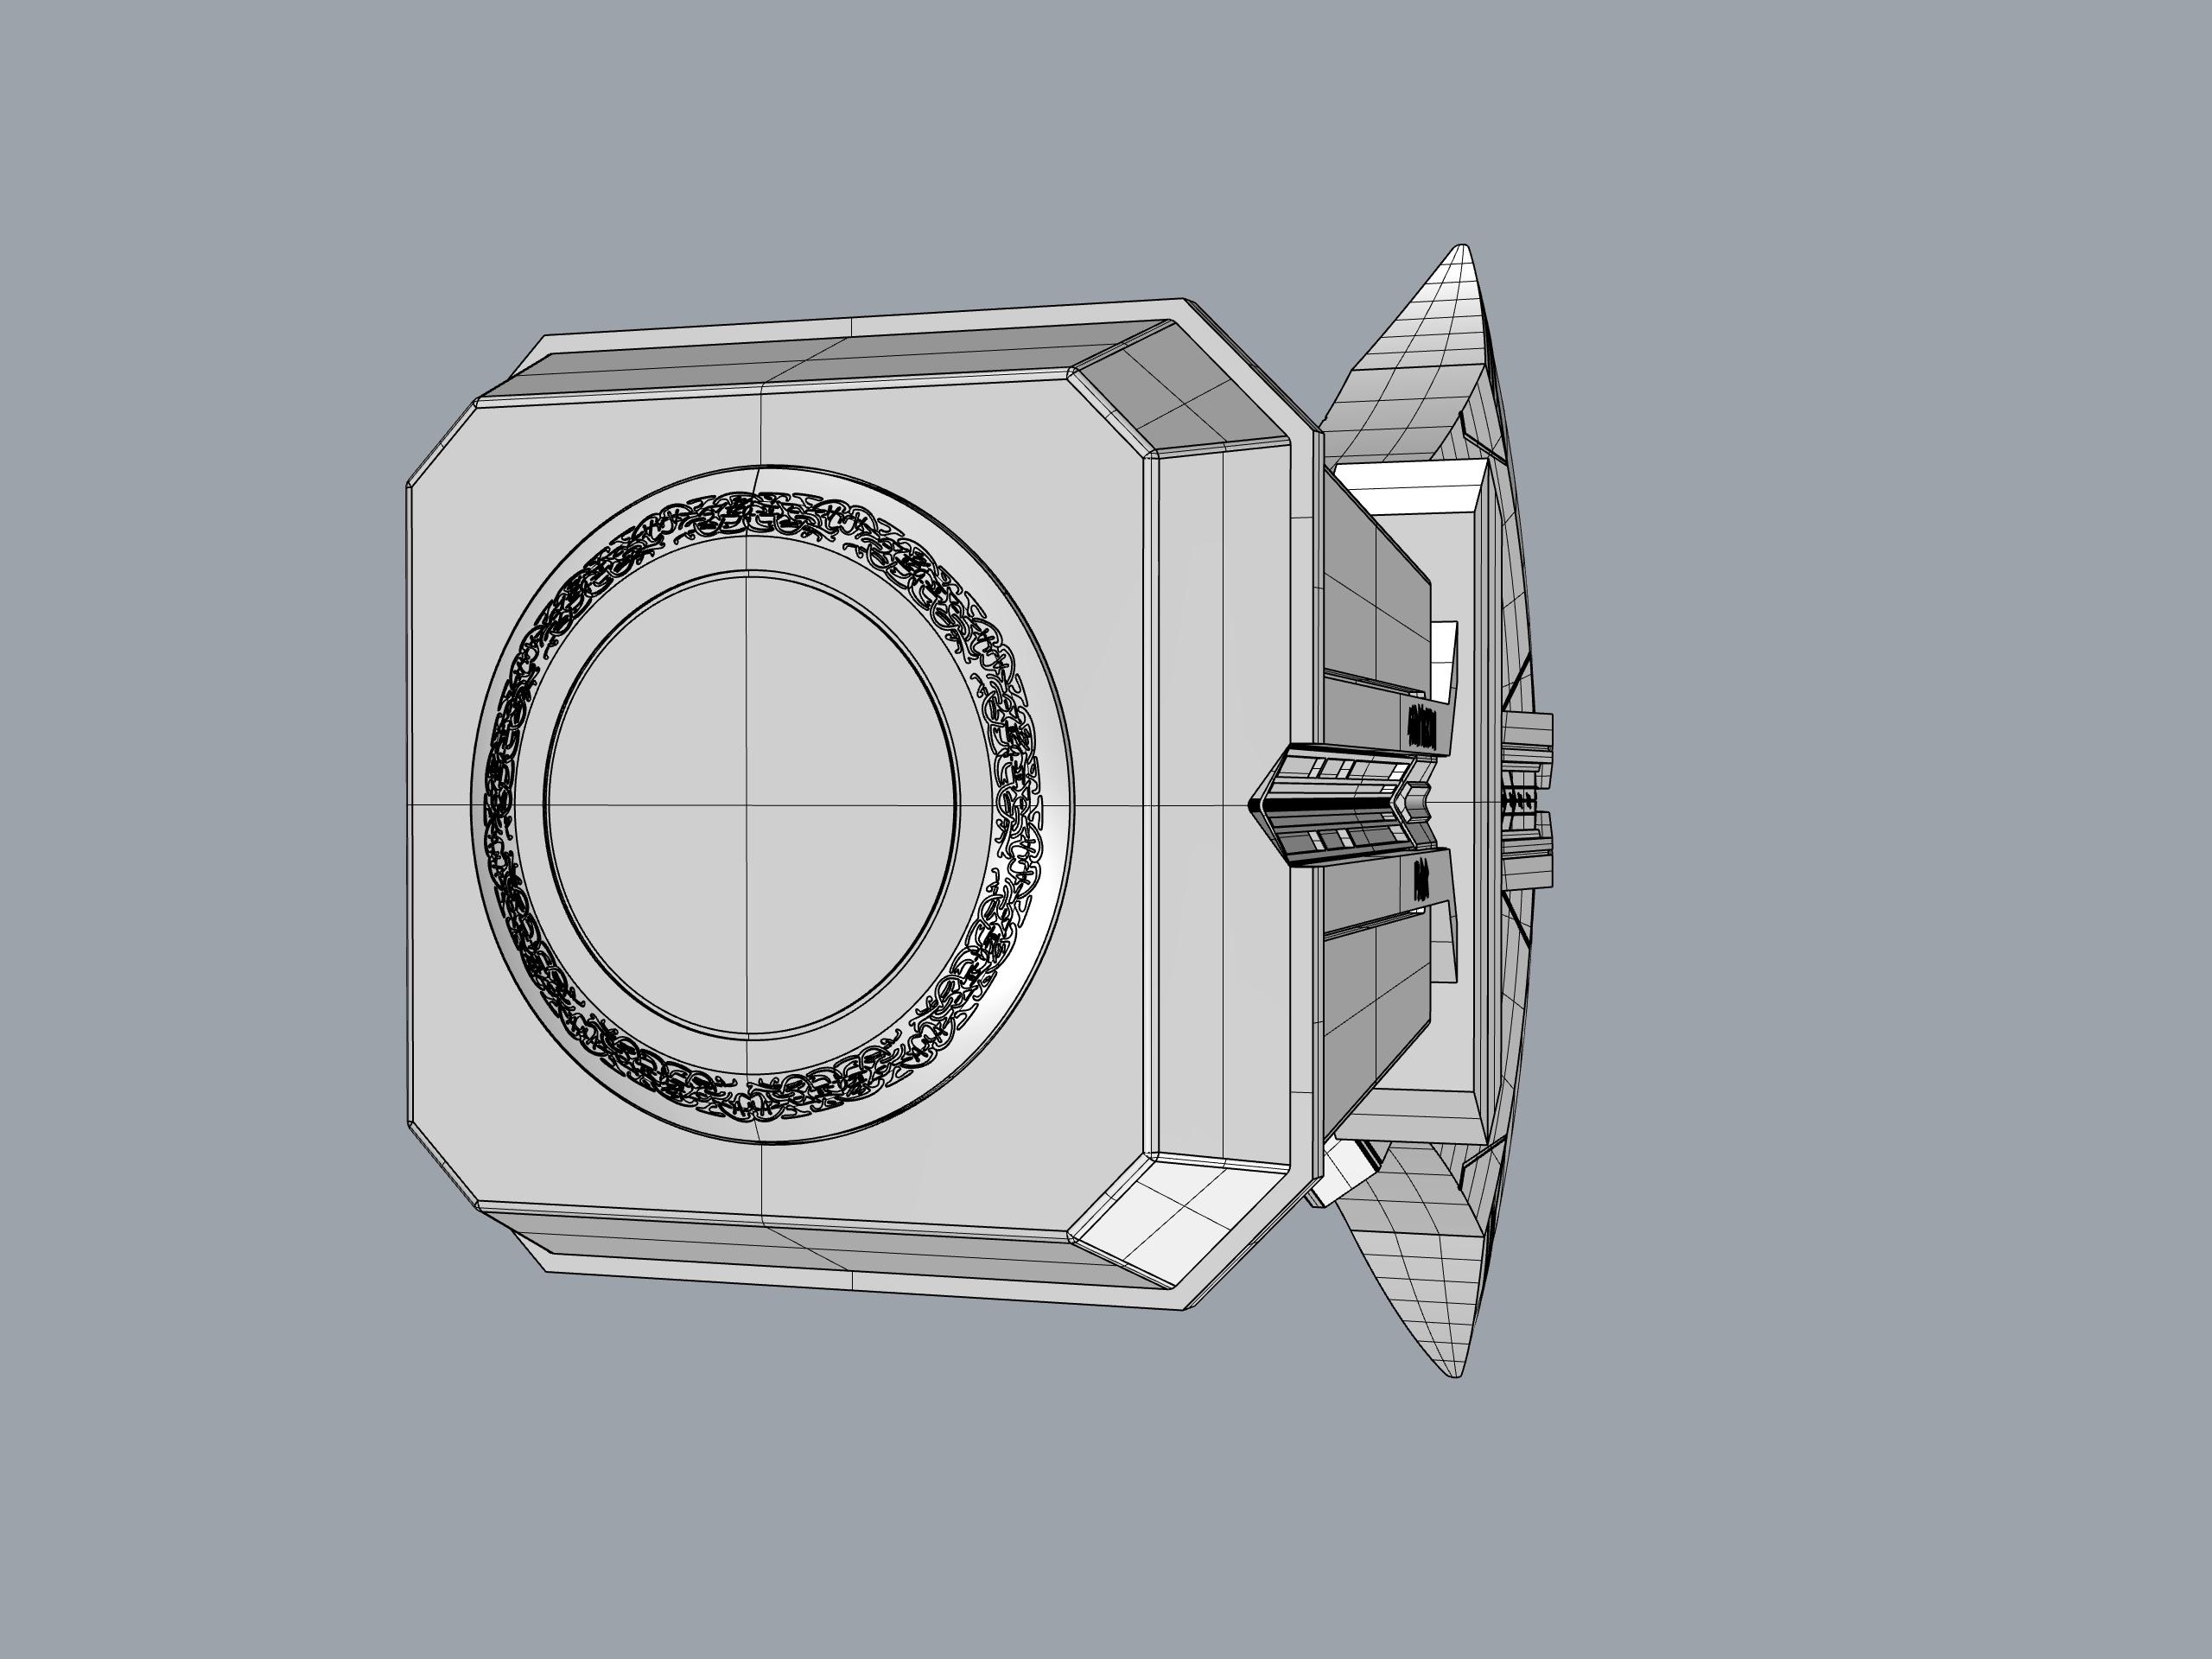 3dmodel 2.jpg